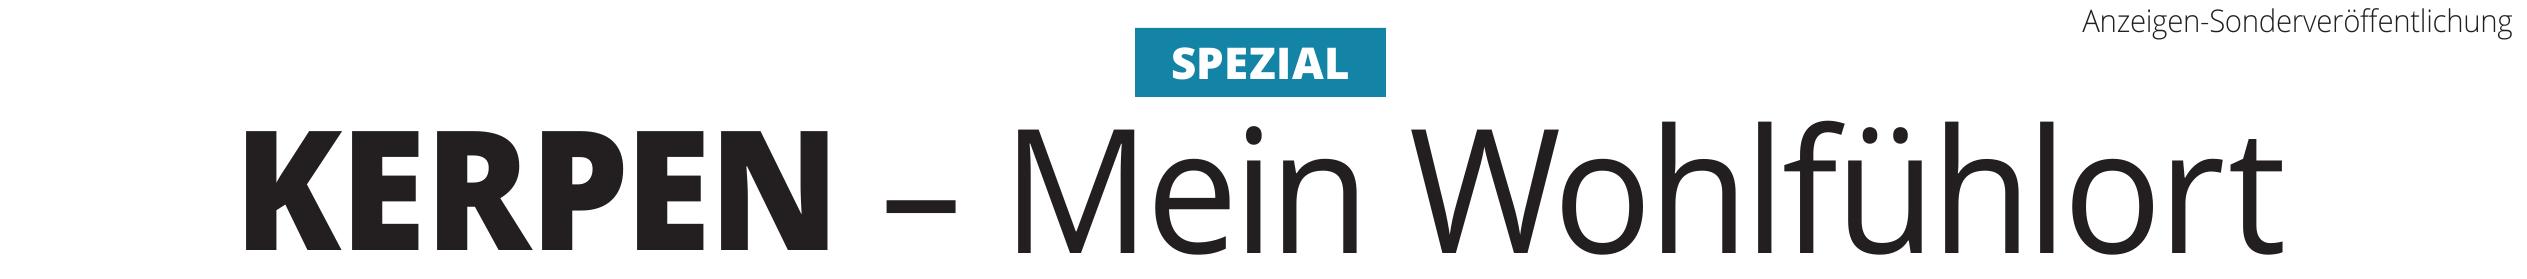 Kerpen, die größte Stadt im Rhein-Erft-Kreis, verbindet Tradition und Moderne Image 1